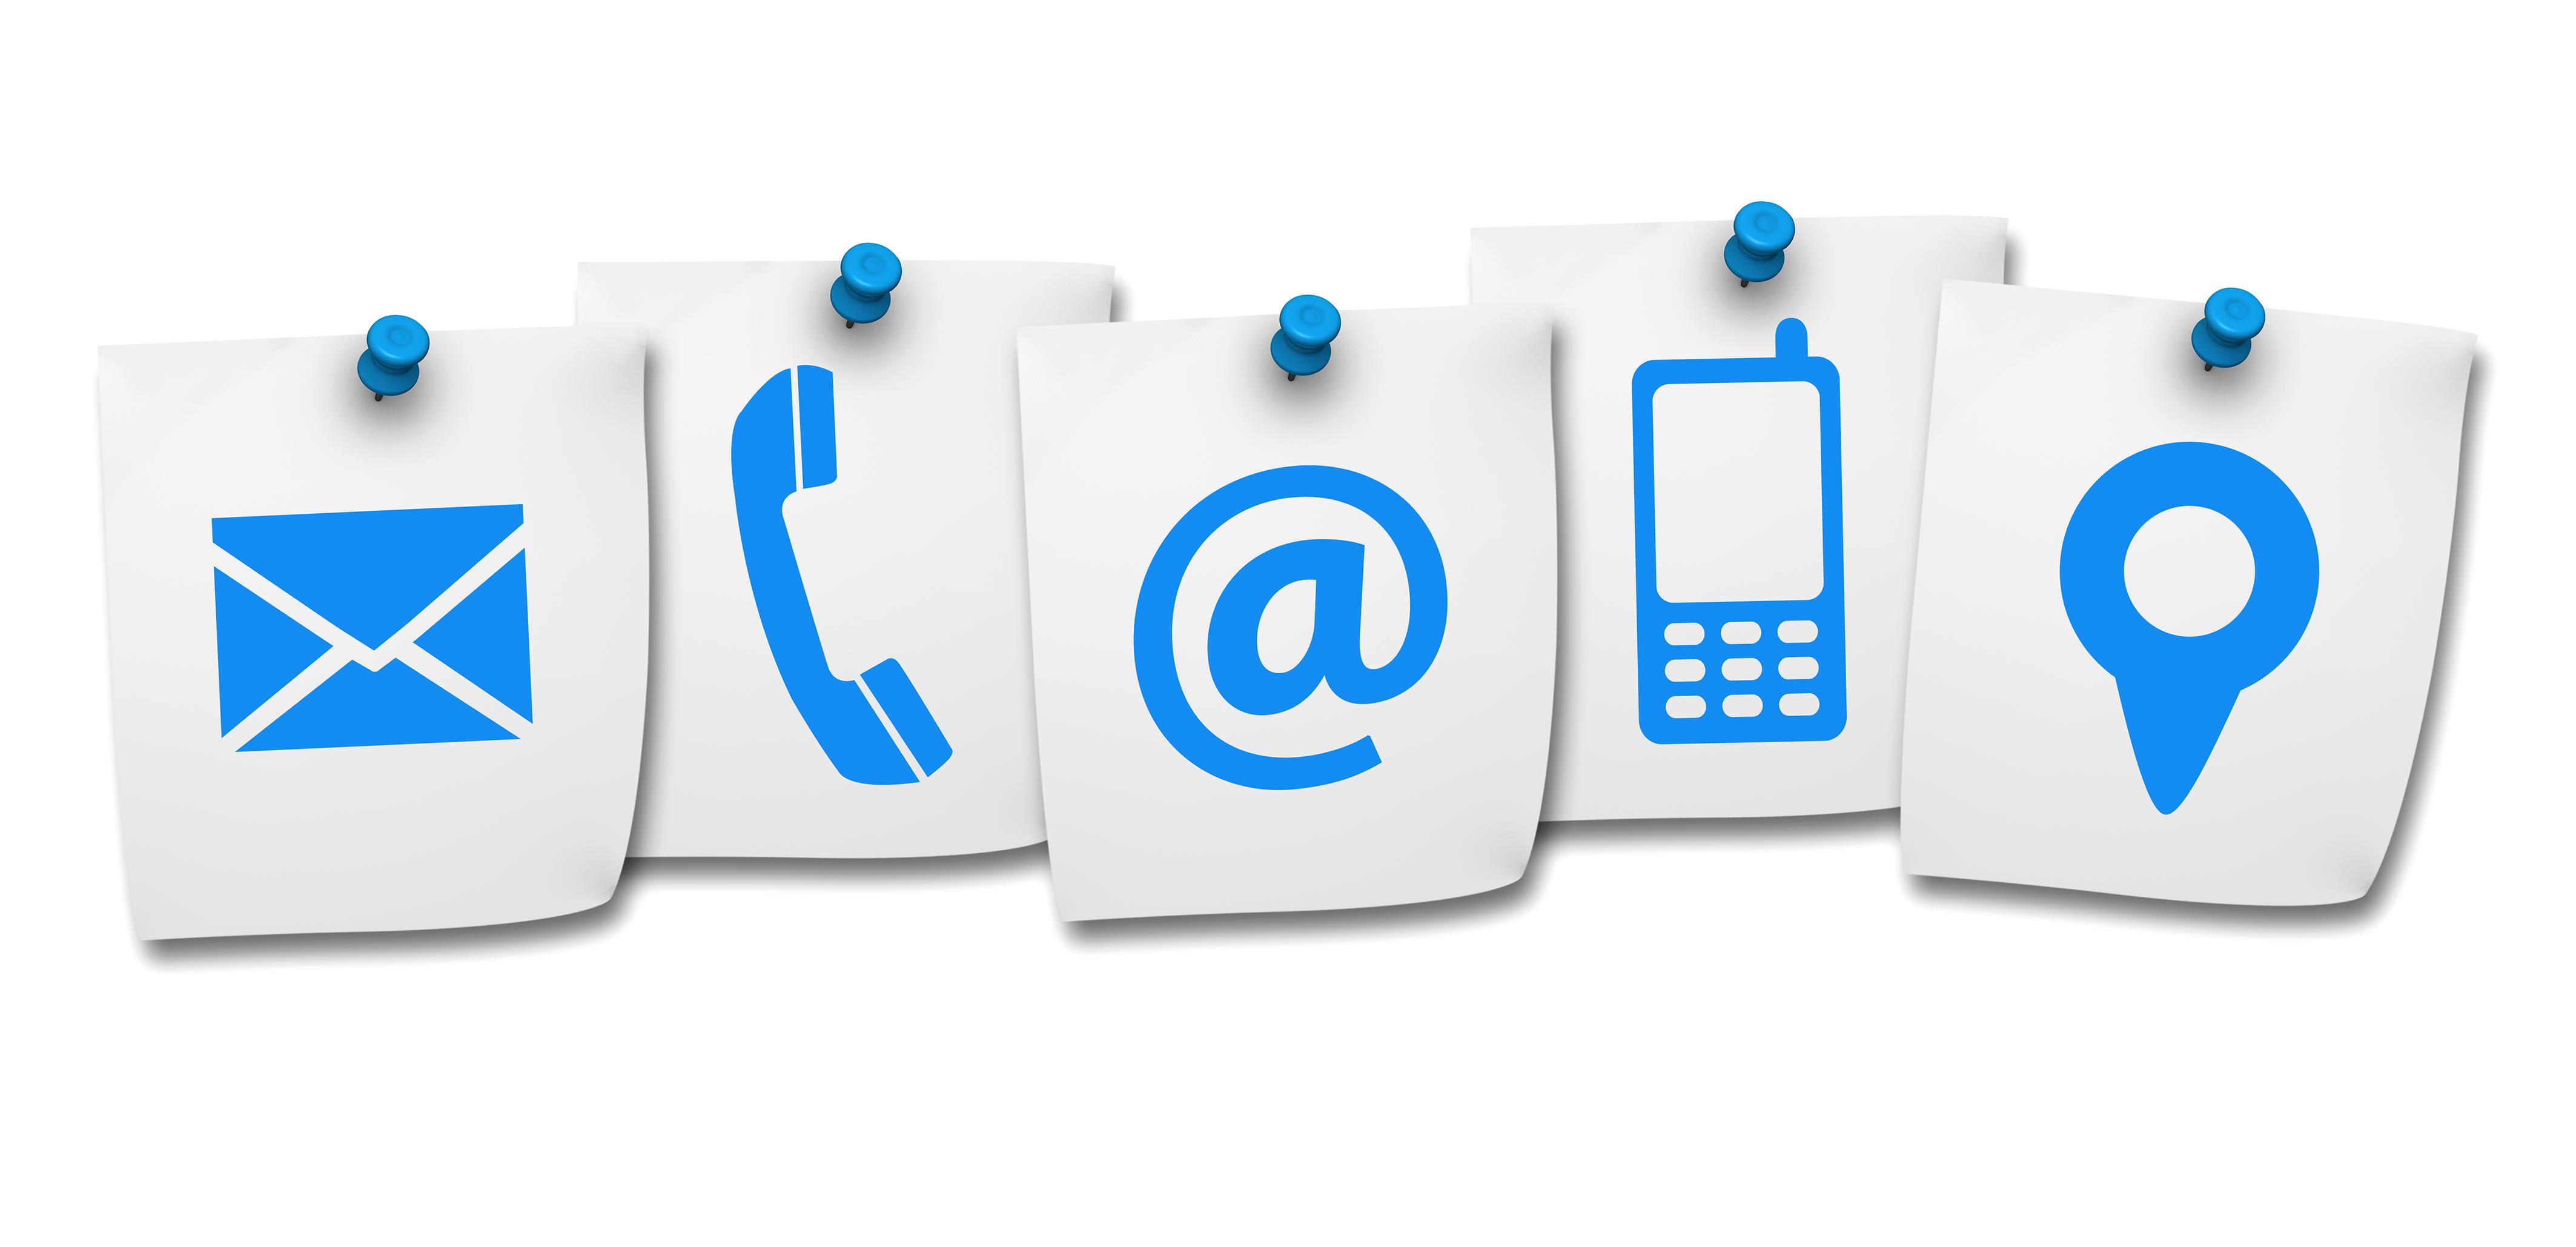 تماس با شرکت افق دارو پارس از طریق فرم تماس